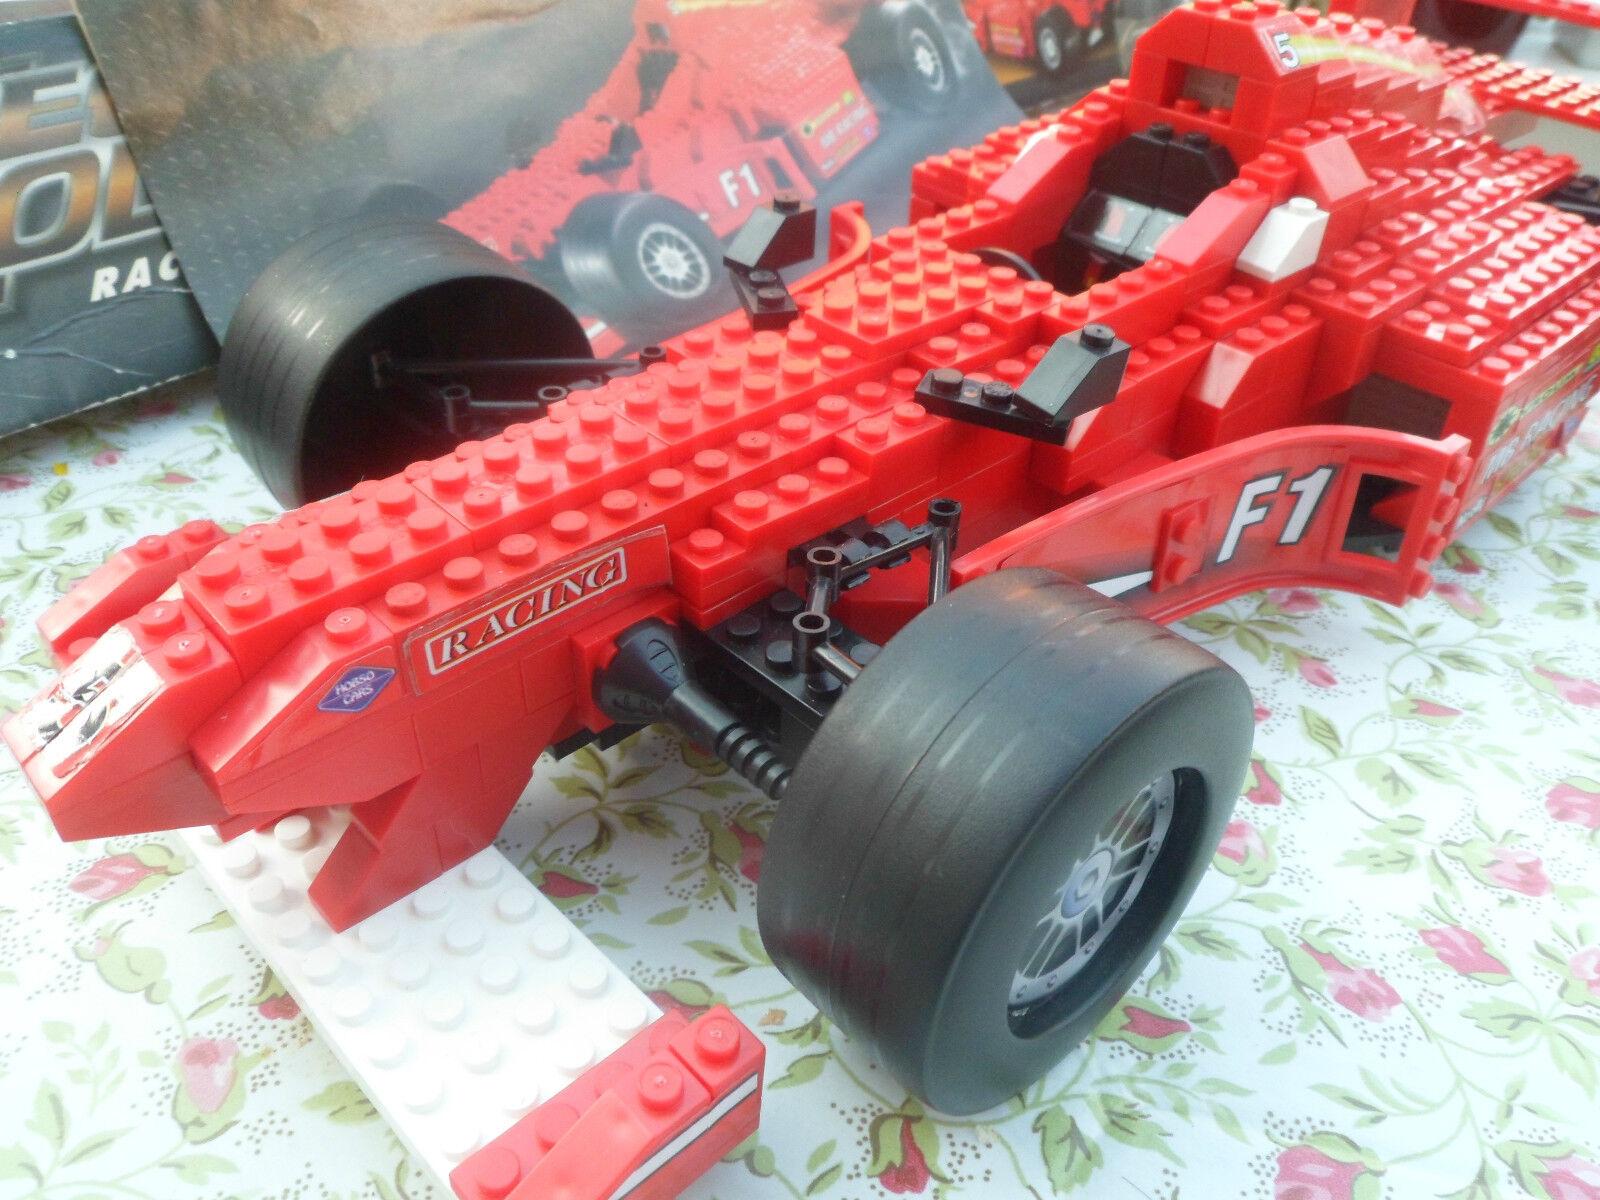 RARE BUILT MEGA BLOKS BLOKS BLOKS MEGA MODELZ - RACE CAR. 490 PCS, 9751 5e9328